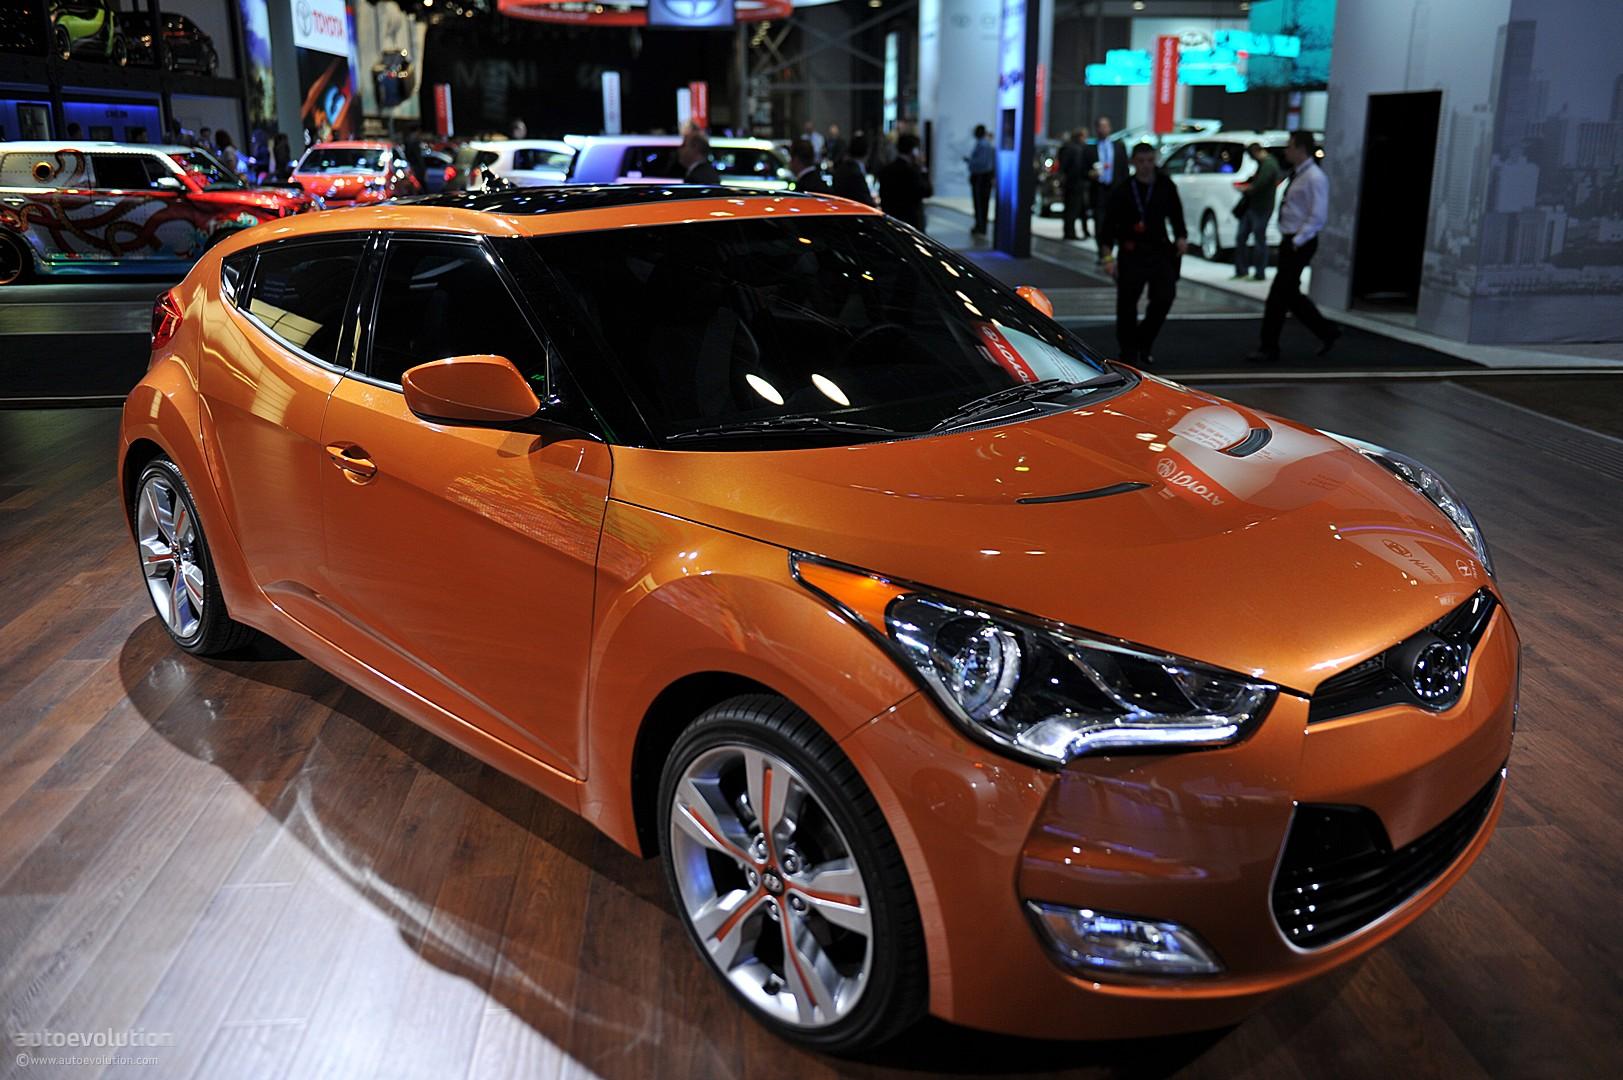 Nyias 2011 Hyundai Veloster Live Photos Autoevolution